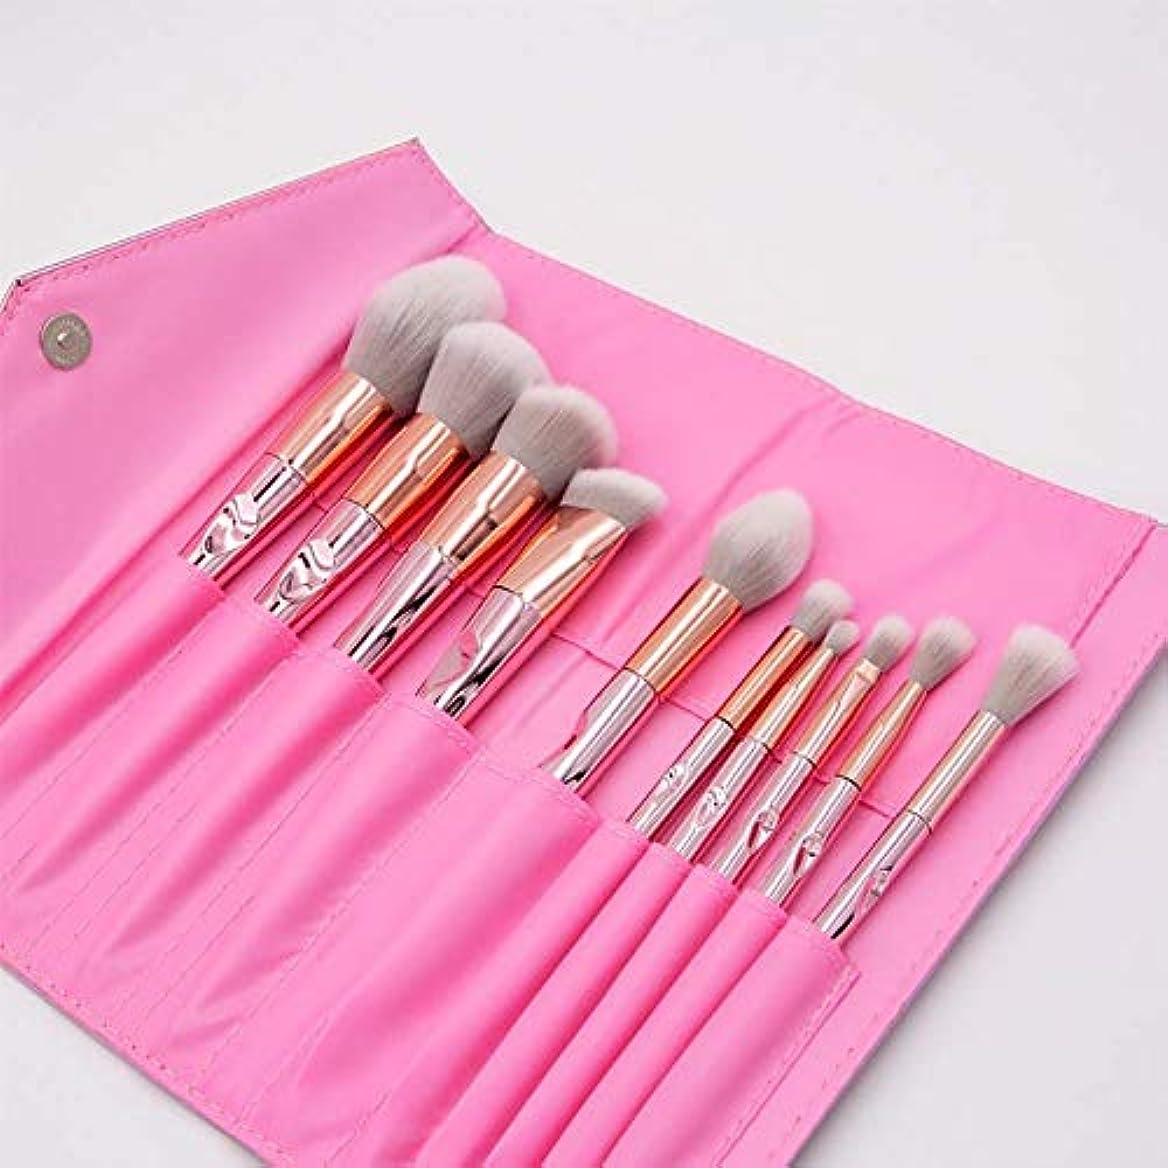 討論噴出する変化化粧ブラシ、プロの合成ビーガンメイクアップブラシファンデーションブラッシュアイライナーアイシャドウ化粧ブラシセット化粧品袋付き(10個、ピンク)